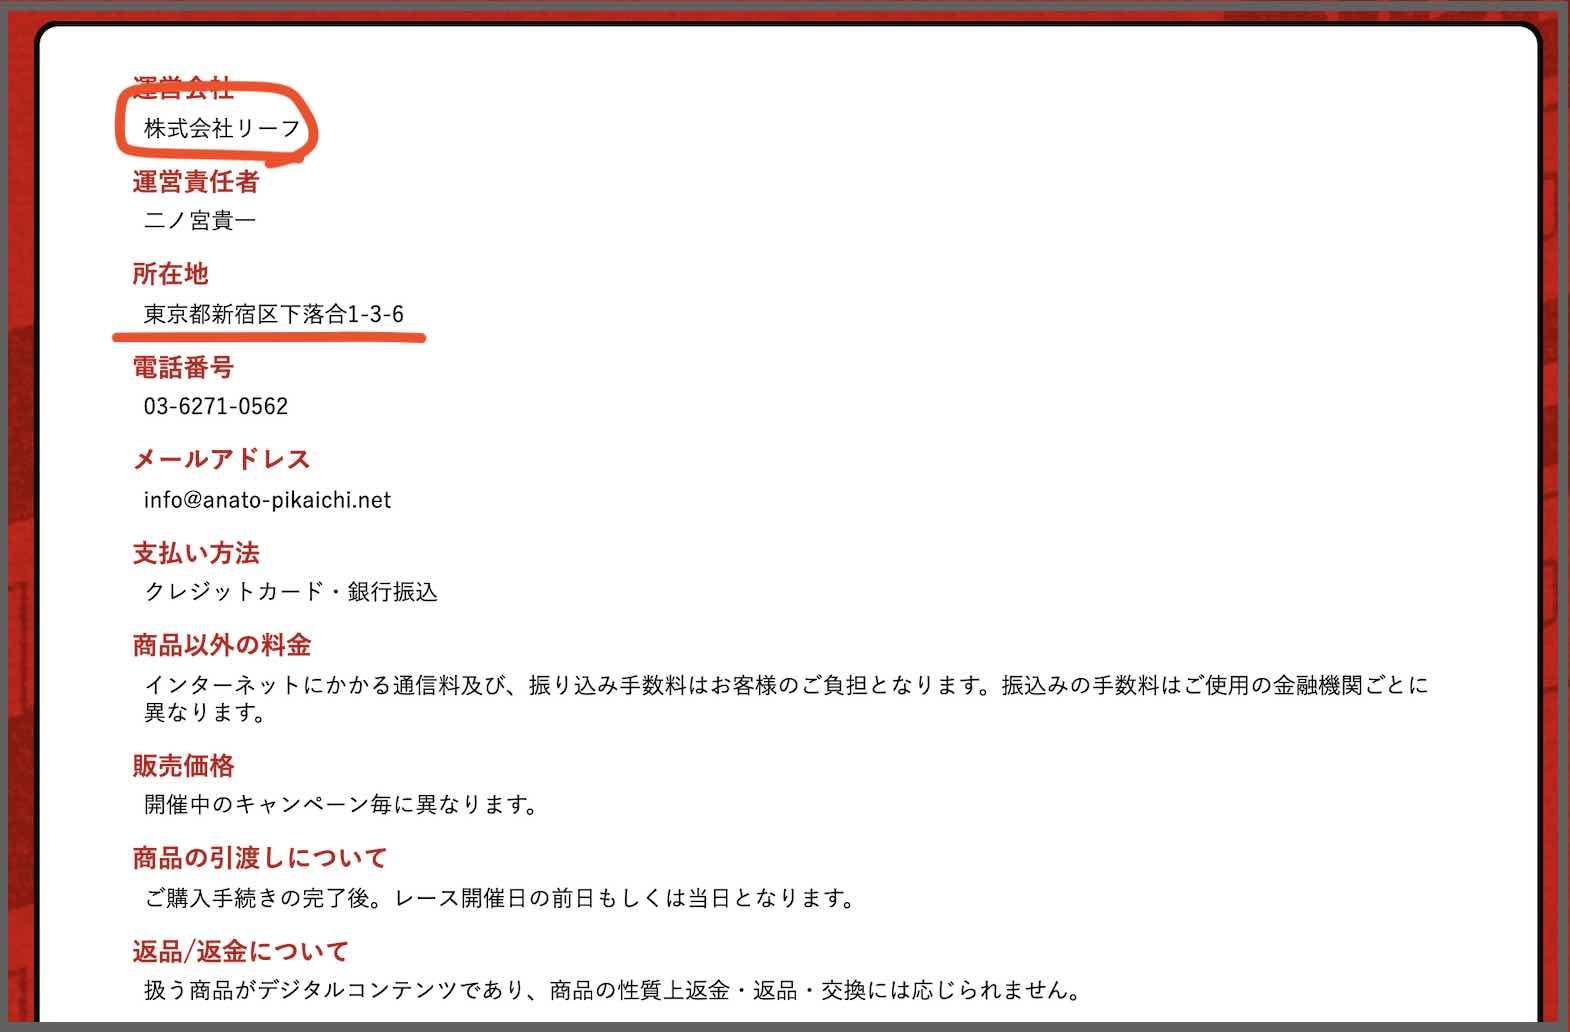 穴党ピカイチという競馬予想サイトの運営社情報